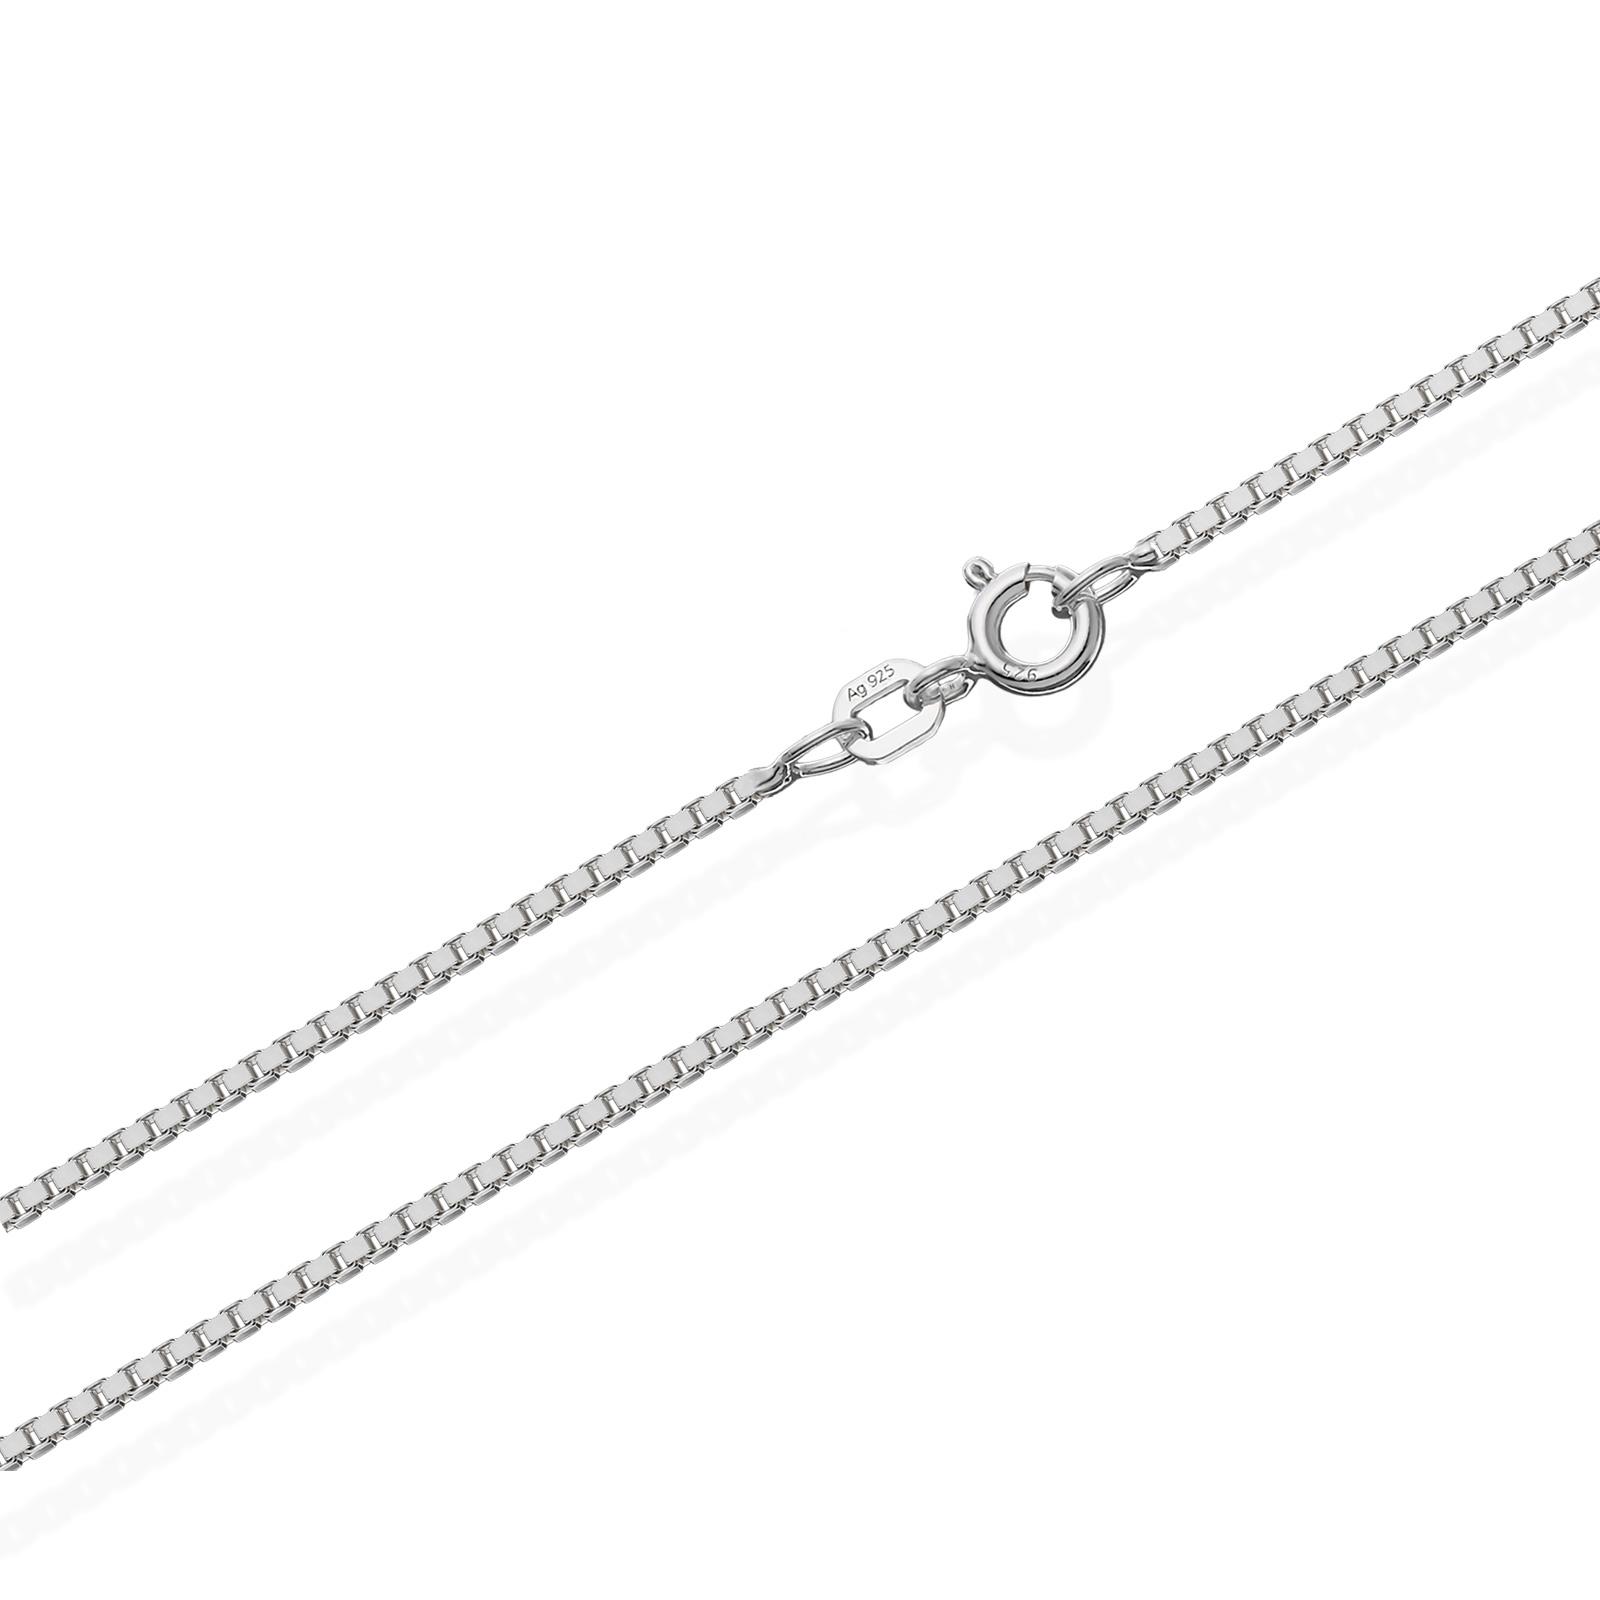 echte 925er Sterlingsilber Venezianerkette Silberkette Halskette Damen Herren 0,90mm